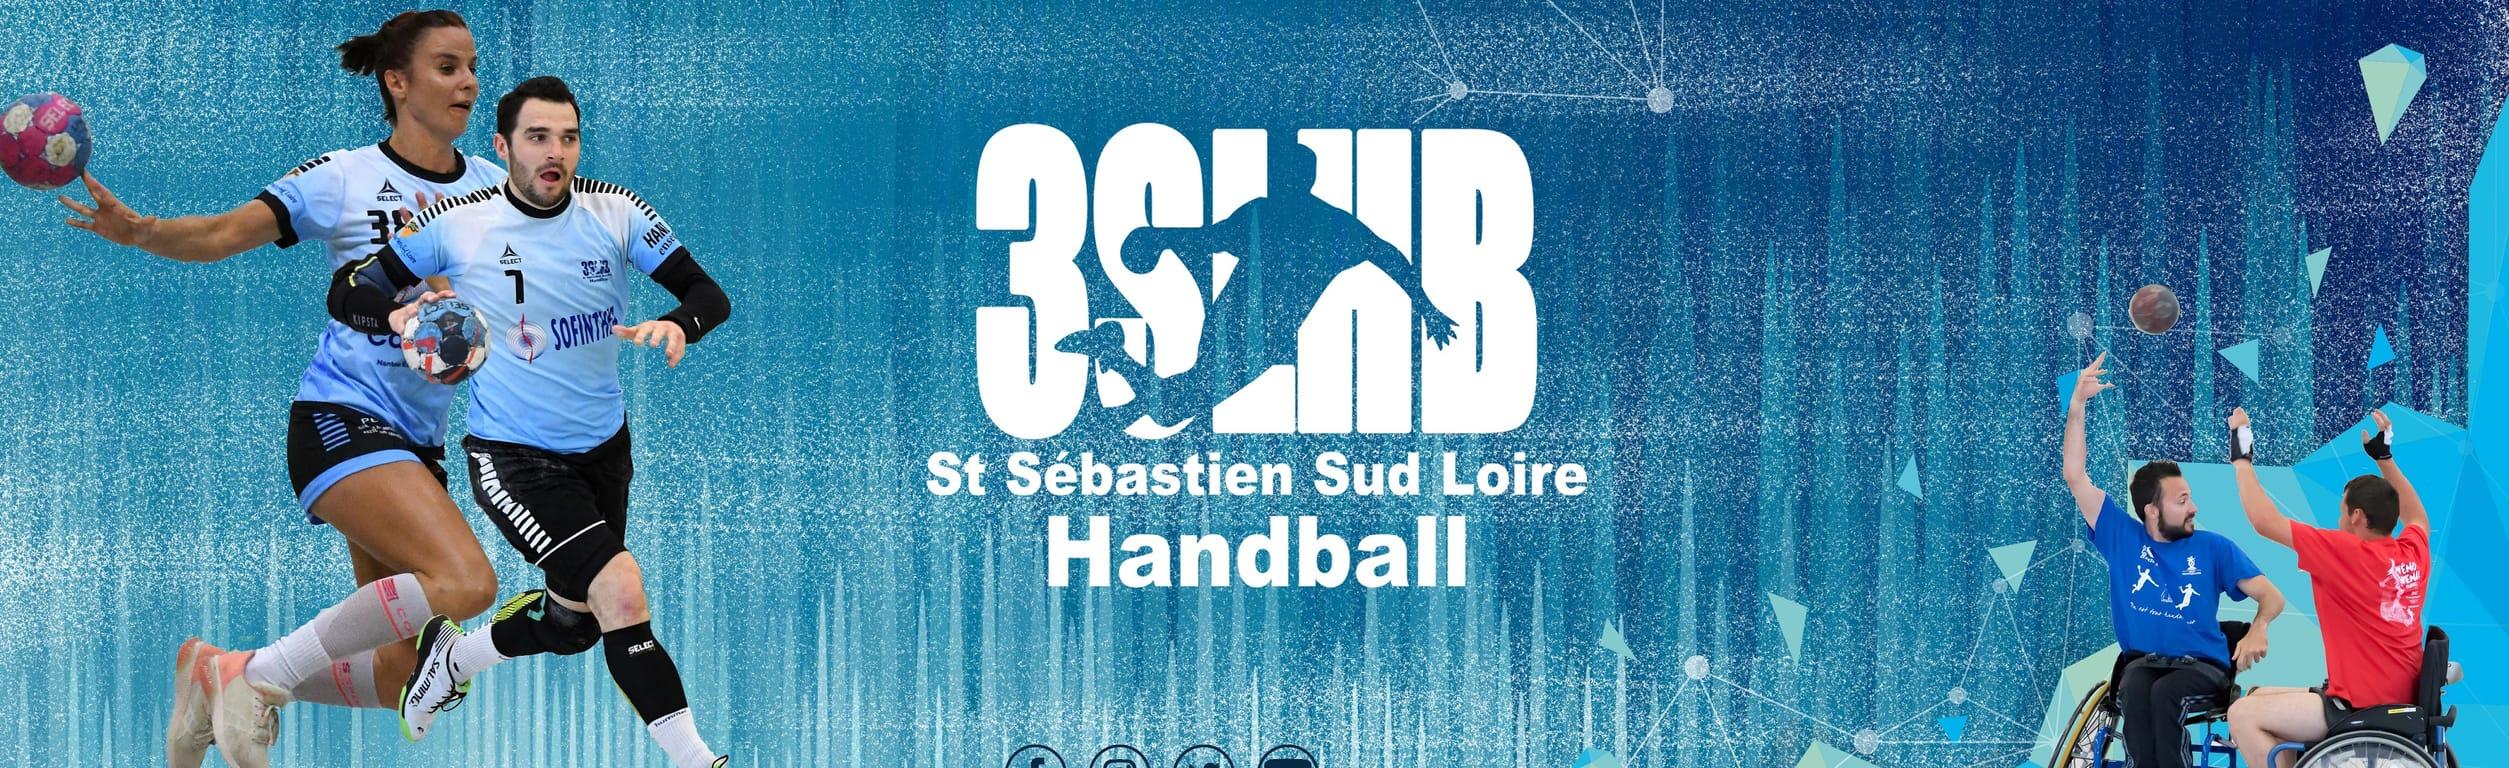 Saint Sébastien Sud Loire Handball (3SLHB)